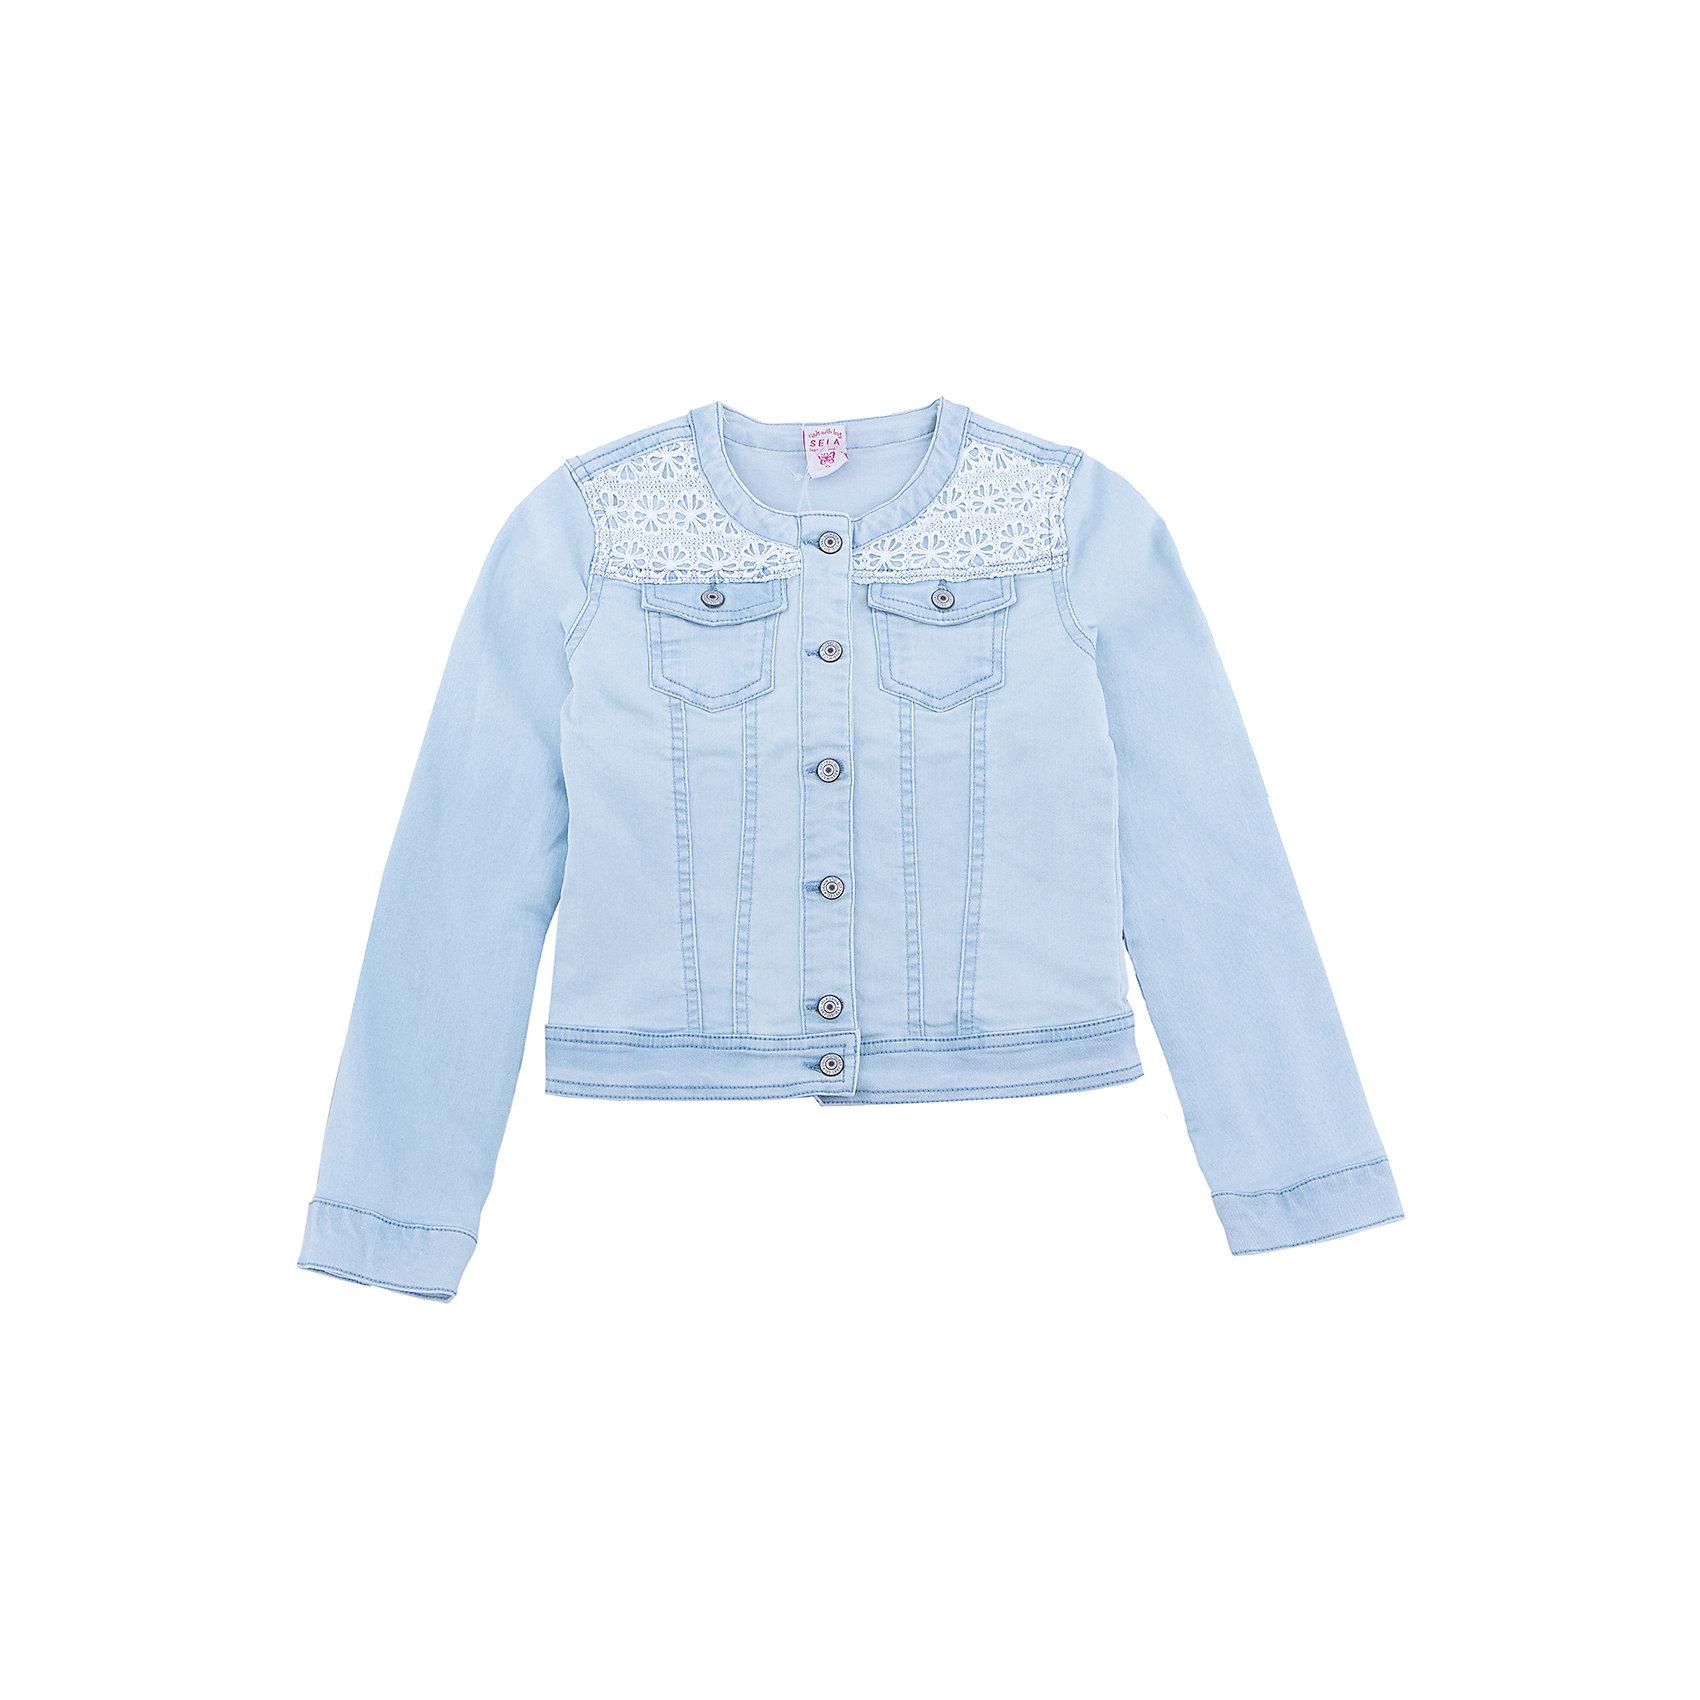 Куртка для девочки SELAДжинсовая одежда<br>Куртка для девочки от известного бренда SELA<br>Состав:<br>78% хлопок, 21% ПЭ, 1% эластан<br><br>Ширина мм: 190<br>Глубина мм: 74<br>Высота мм: 229<br>Вес г: 236<br>Цвет: голубой<br>Возраст от месяцев: 96<br>Возраст до месяцев: 108<br>Пол: Женский<br>Возраст: Детский<br>Размер: 134,140,146,152,116,122,128<br>SKU: 5305692